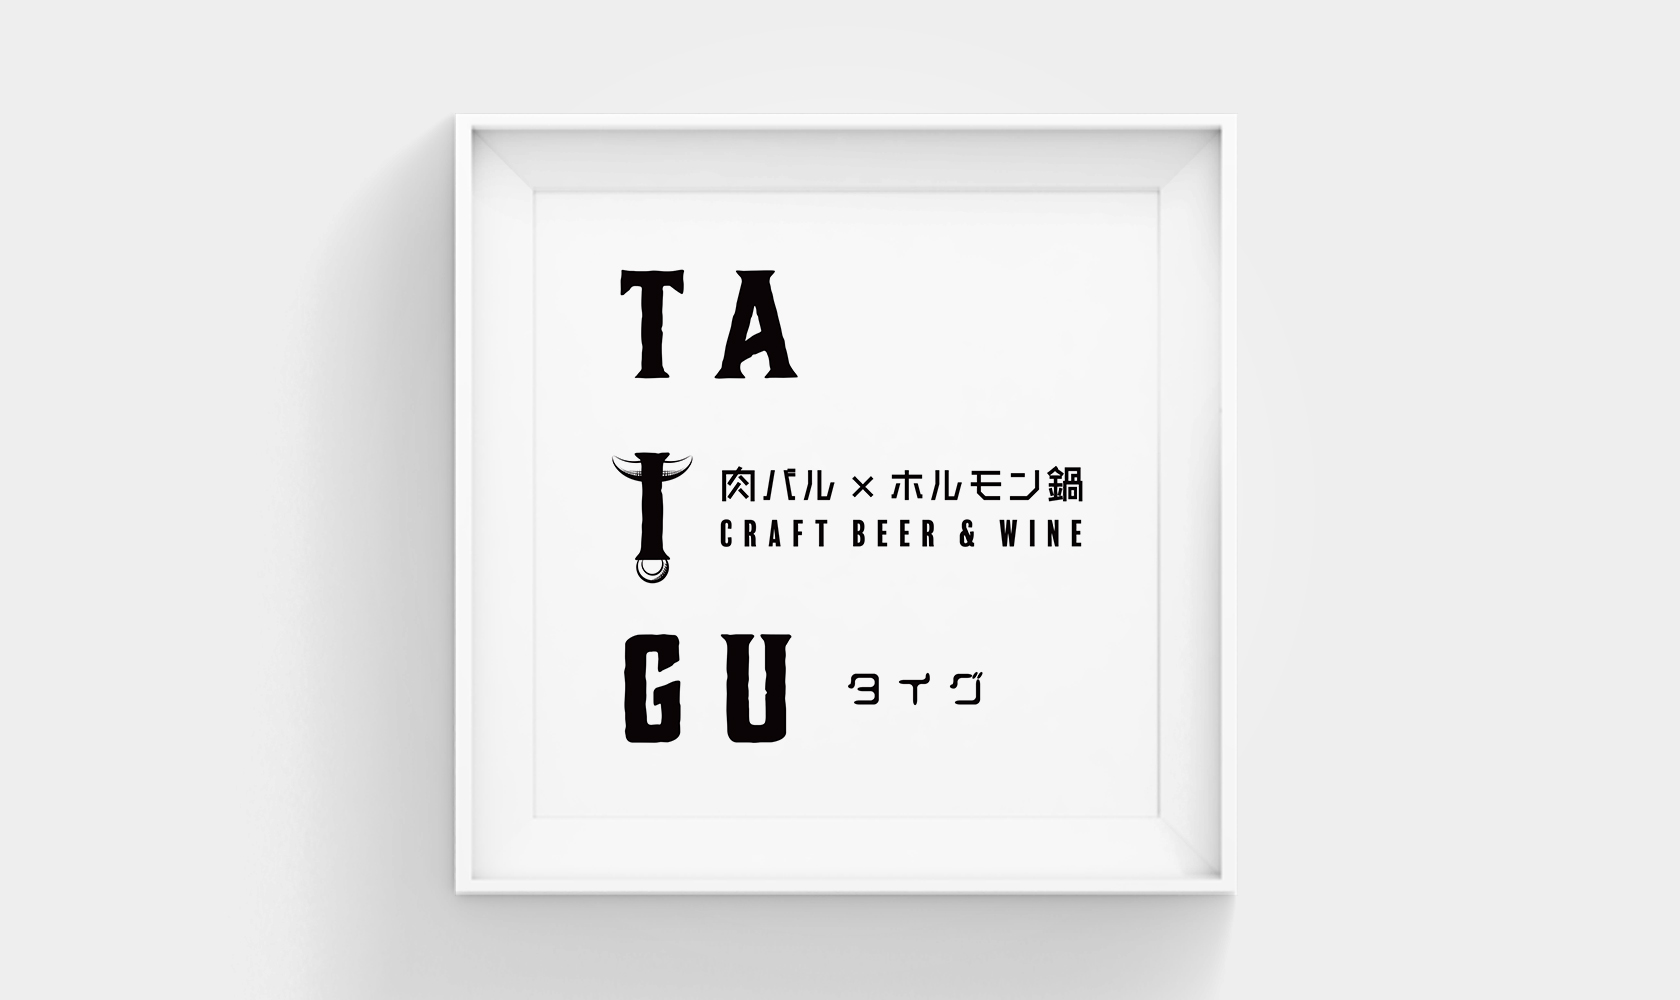 肉バル × ホルモン鍋 TAIGU - タイグ - ロゴ